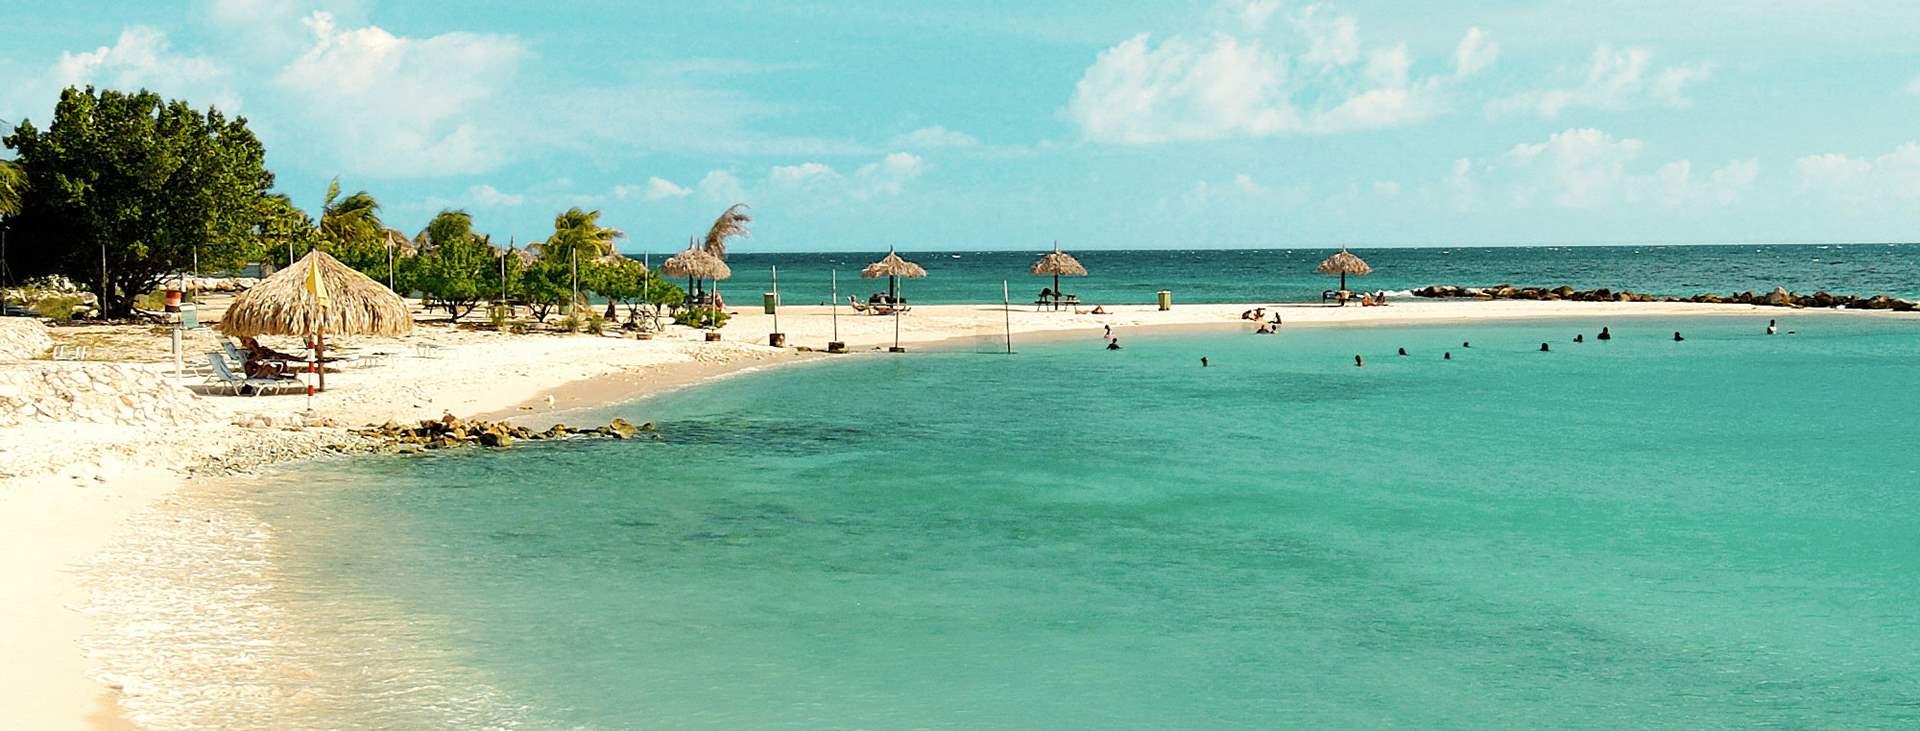 Resor till Curaçao med Ving